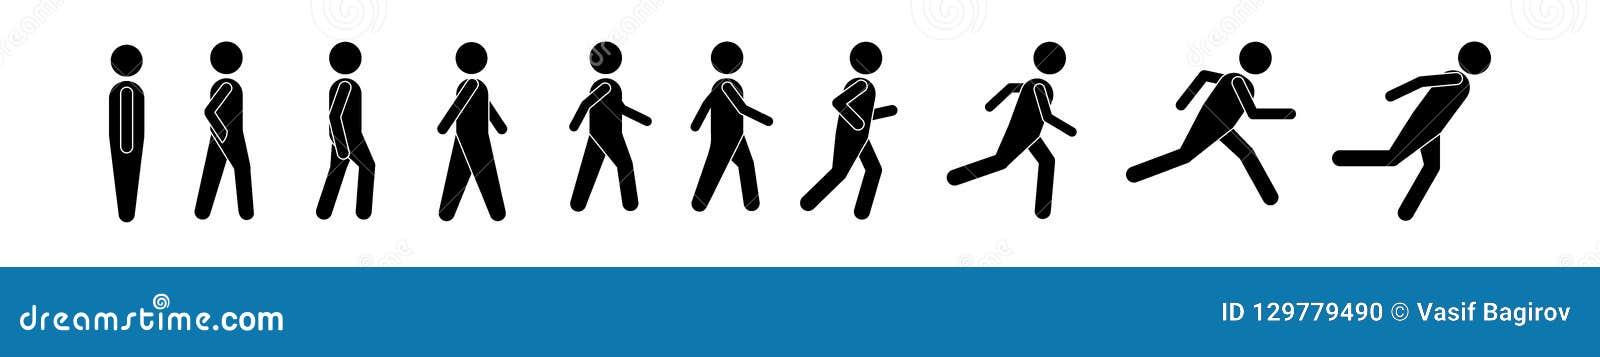 Mężczyzna bieg różnorodnej pozyci ludzie Postura kija postać Wektorowa ilustracja pozować osoby ikony symbolu znaka piktogram na